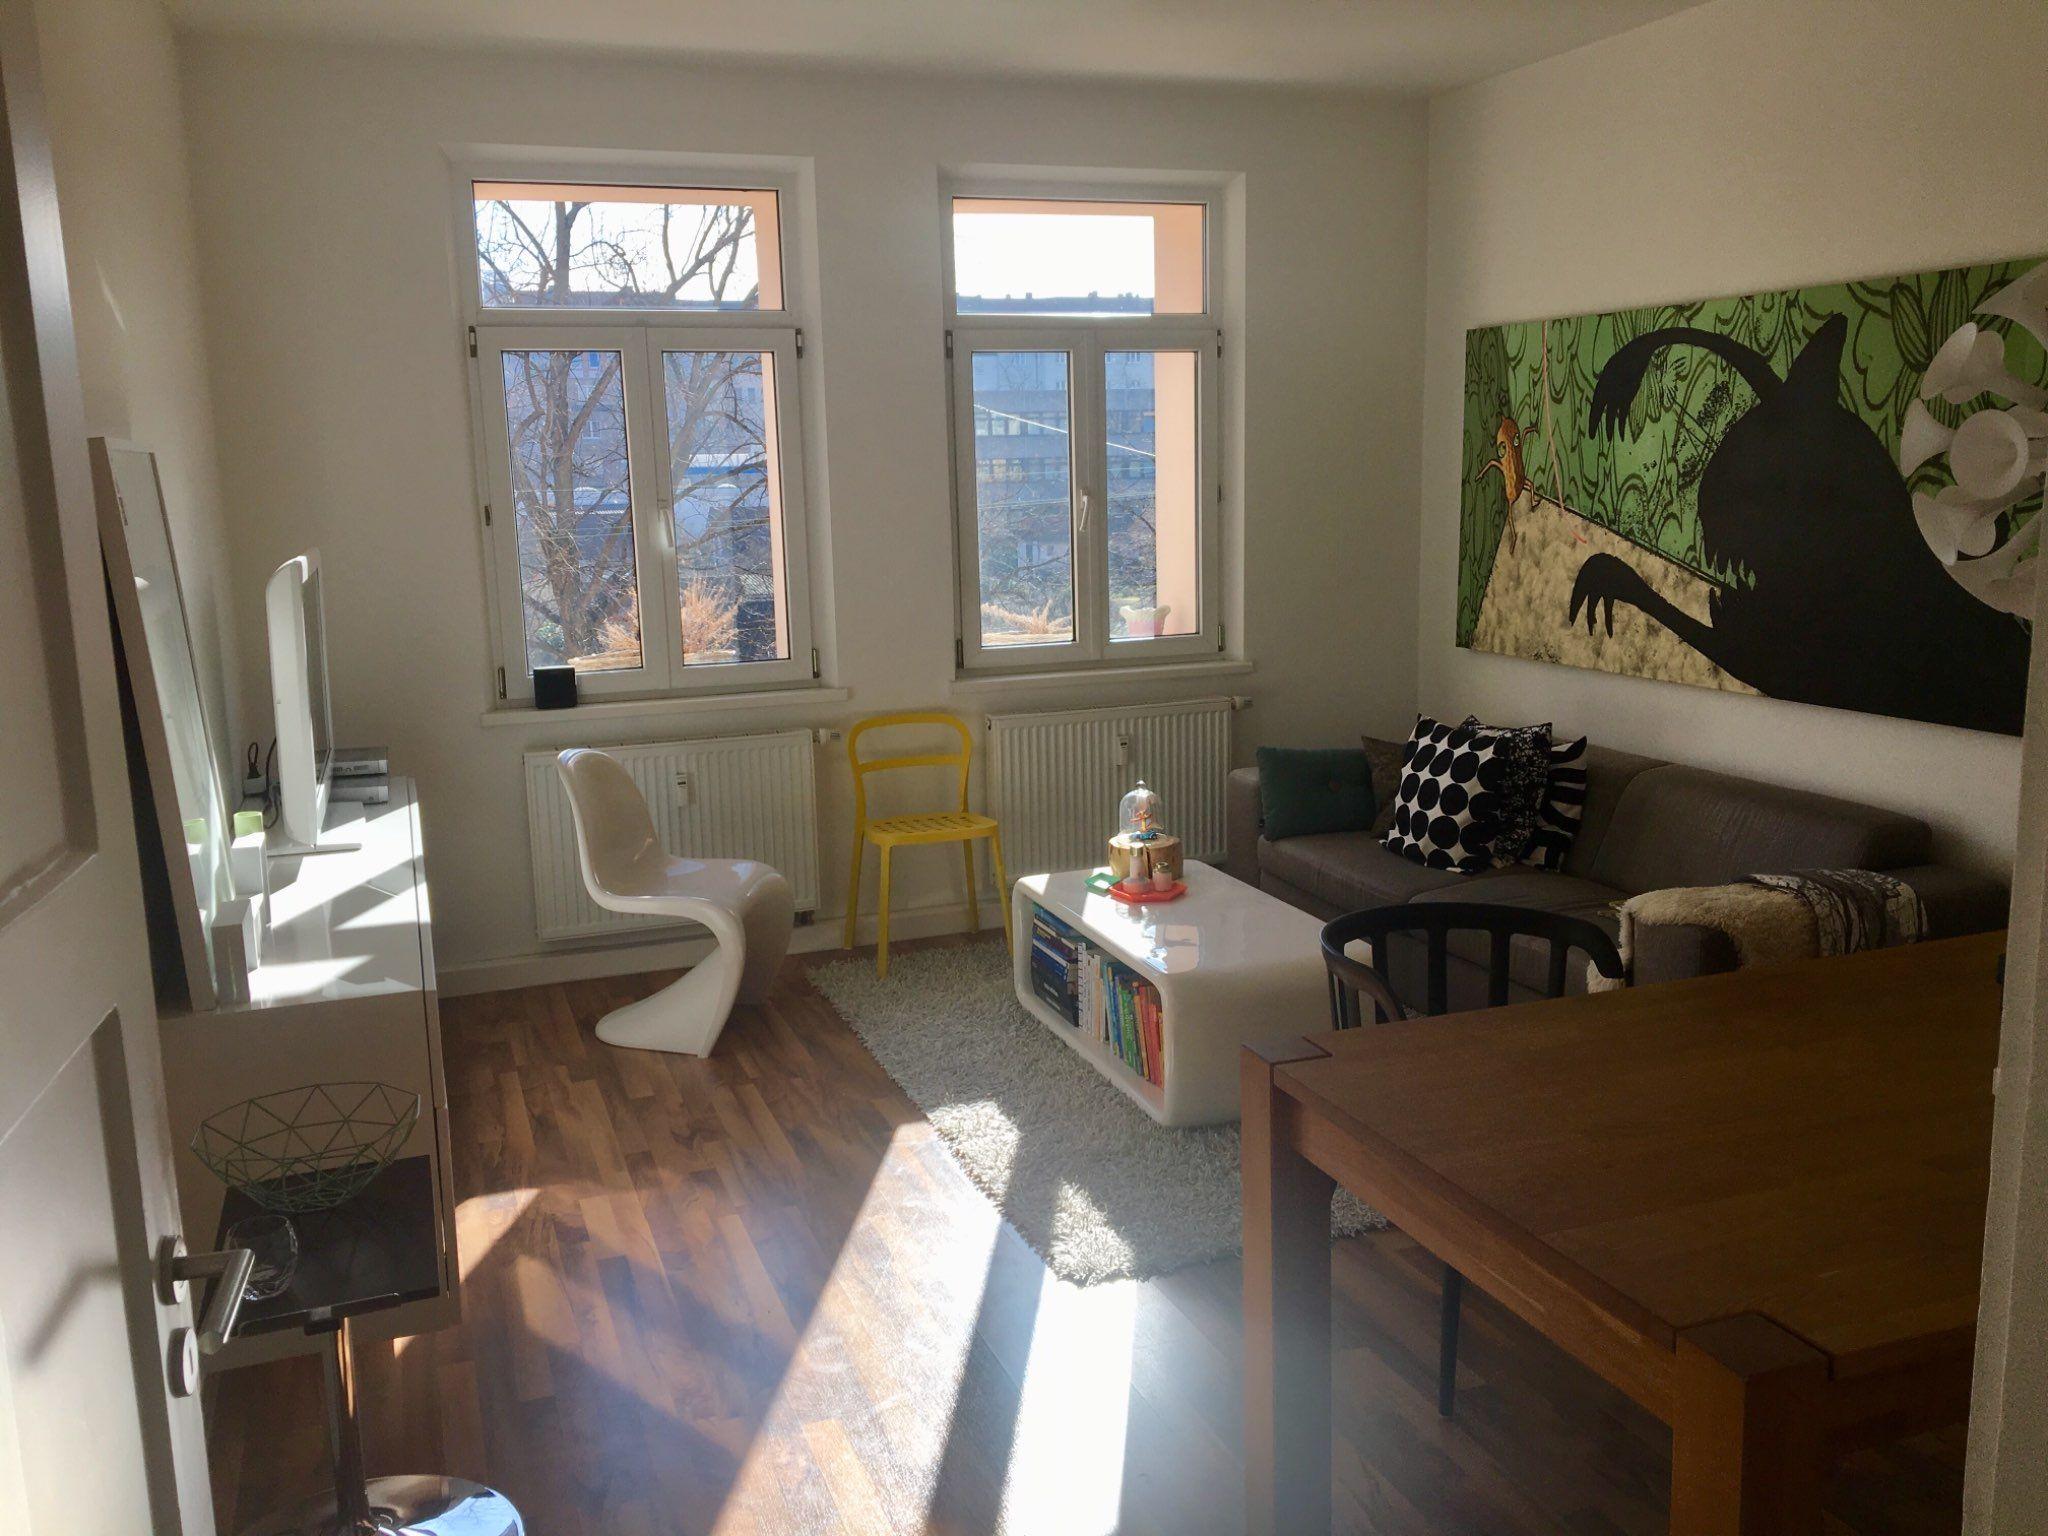 Dieses Wohn Und Esszimmer Befindet Sich In Der Frankischen Metropole Nurnberg In Dem Zimmer Findet Man Alles Was Man Brauch Wohnung Altbauwohnung Wohnen